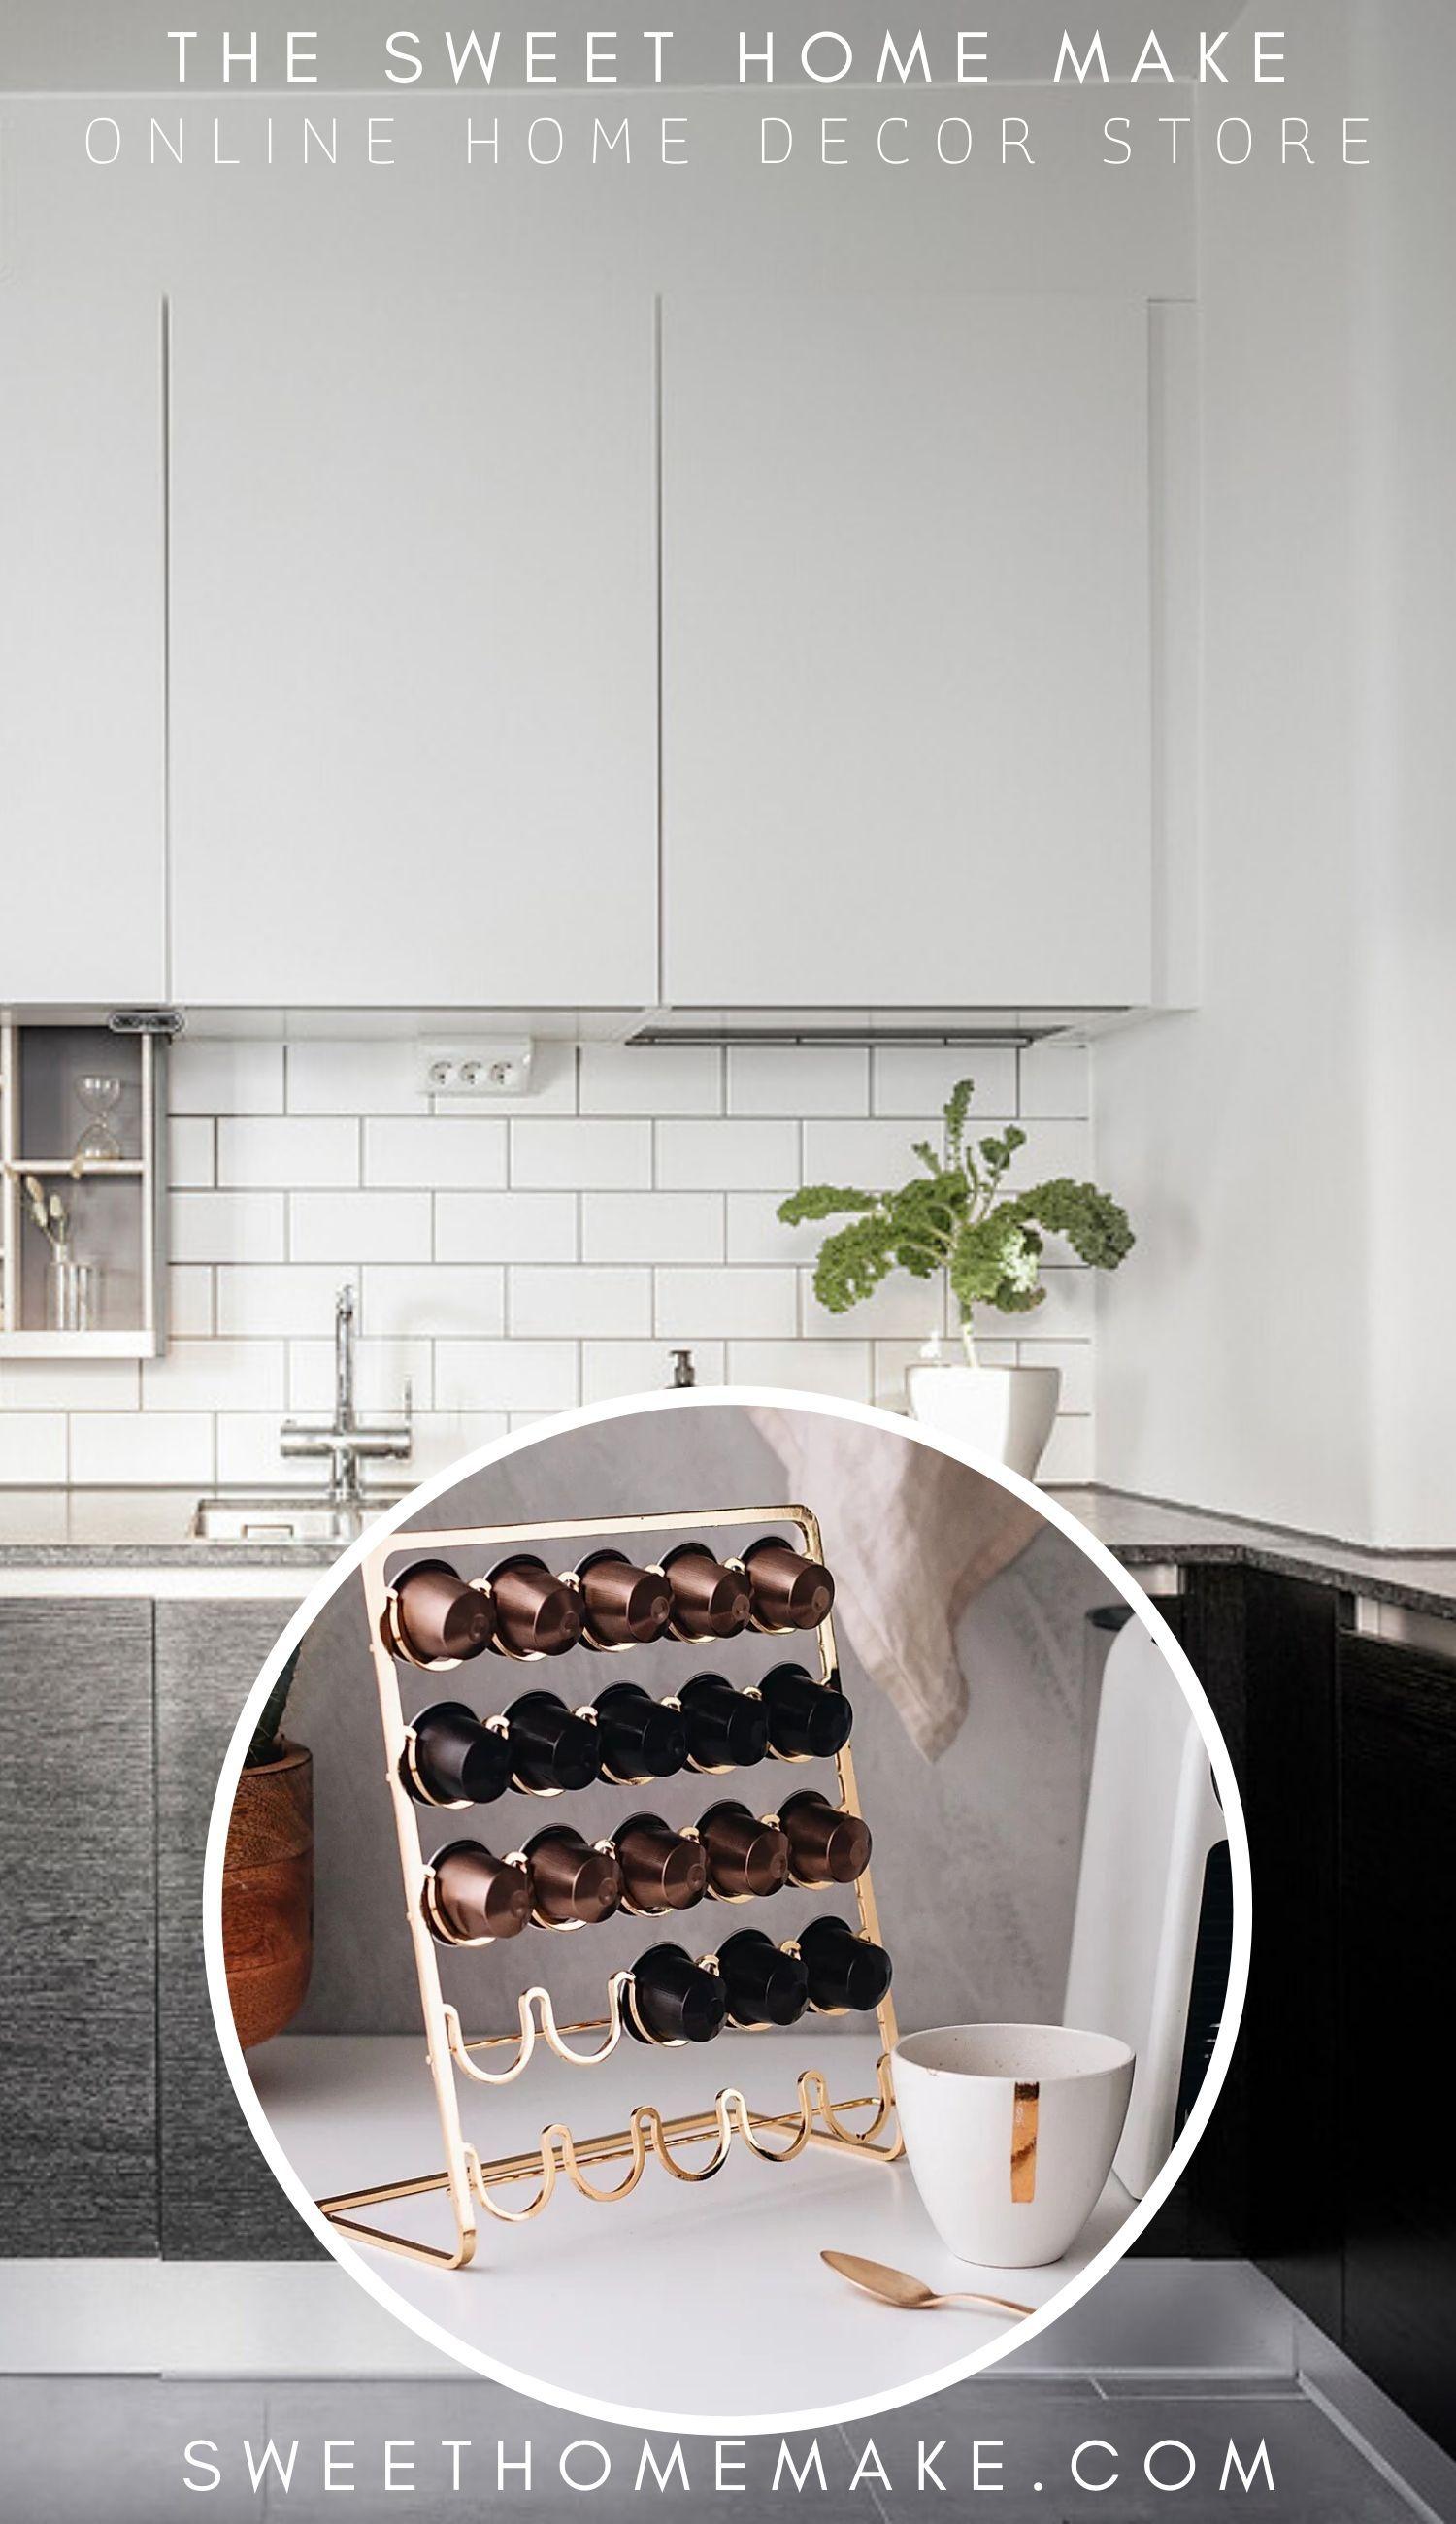 Photo of Nespresso Kapselhållare till Mässing och Koppar Inredningsdetaljer